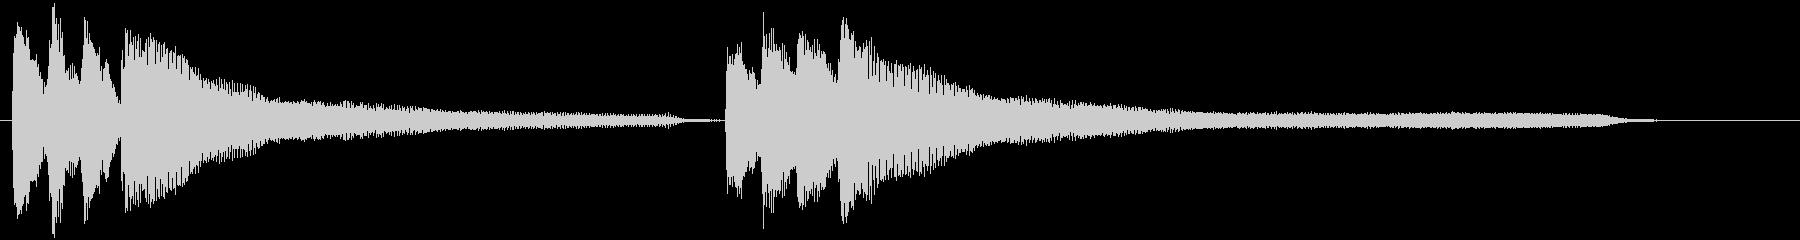 ジャジャジャジャーン♪(運命pf版)の未再生の波形